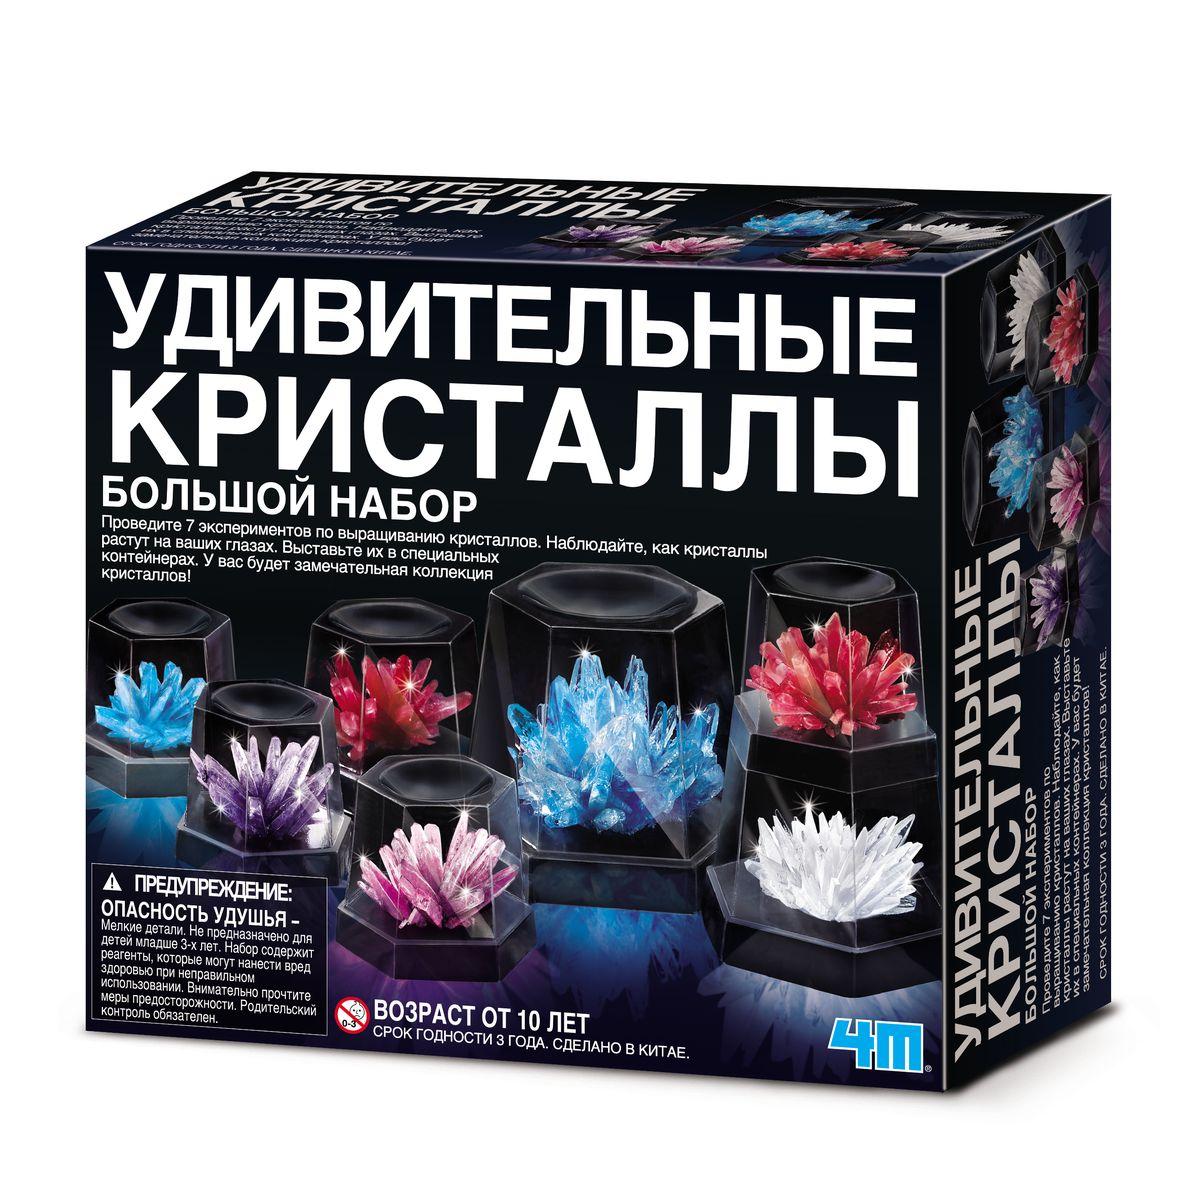 4M Набор для опытов Удивительные кристаллы 00-03915/US